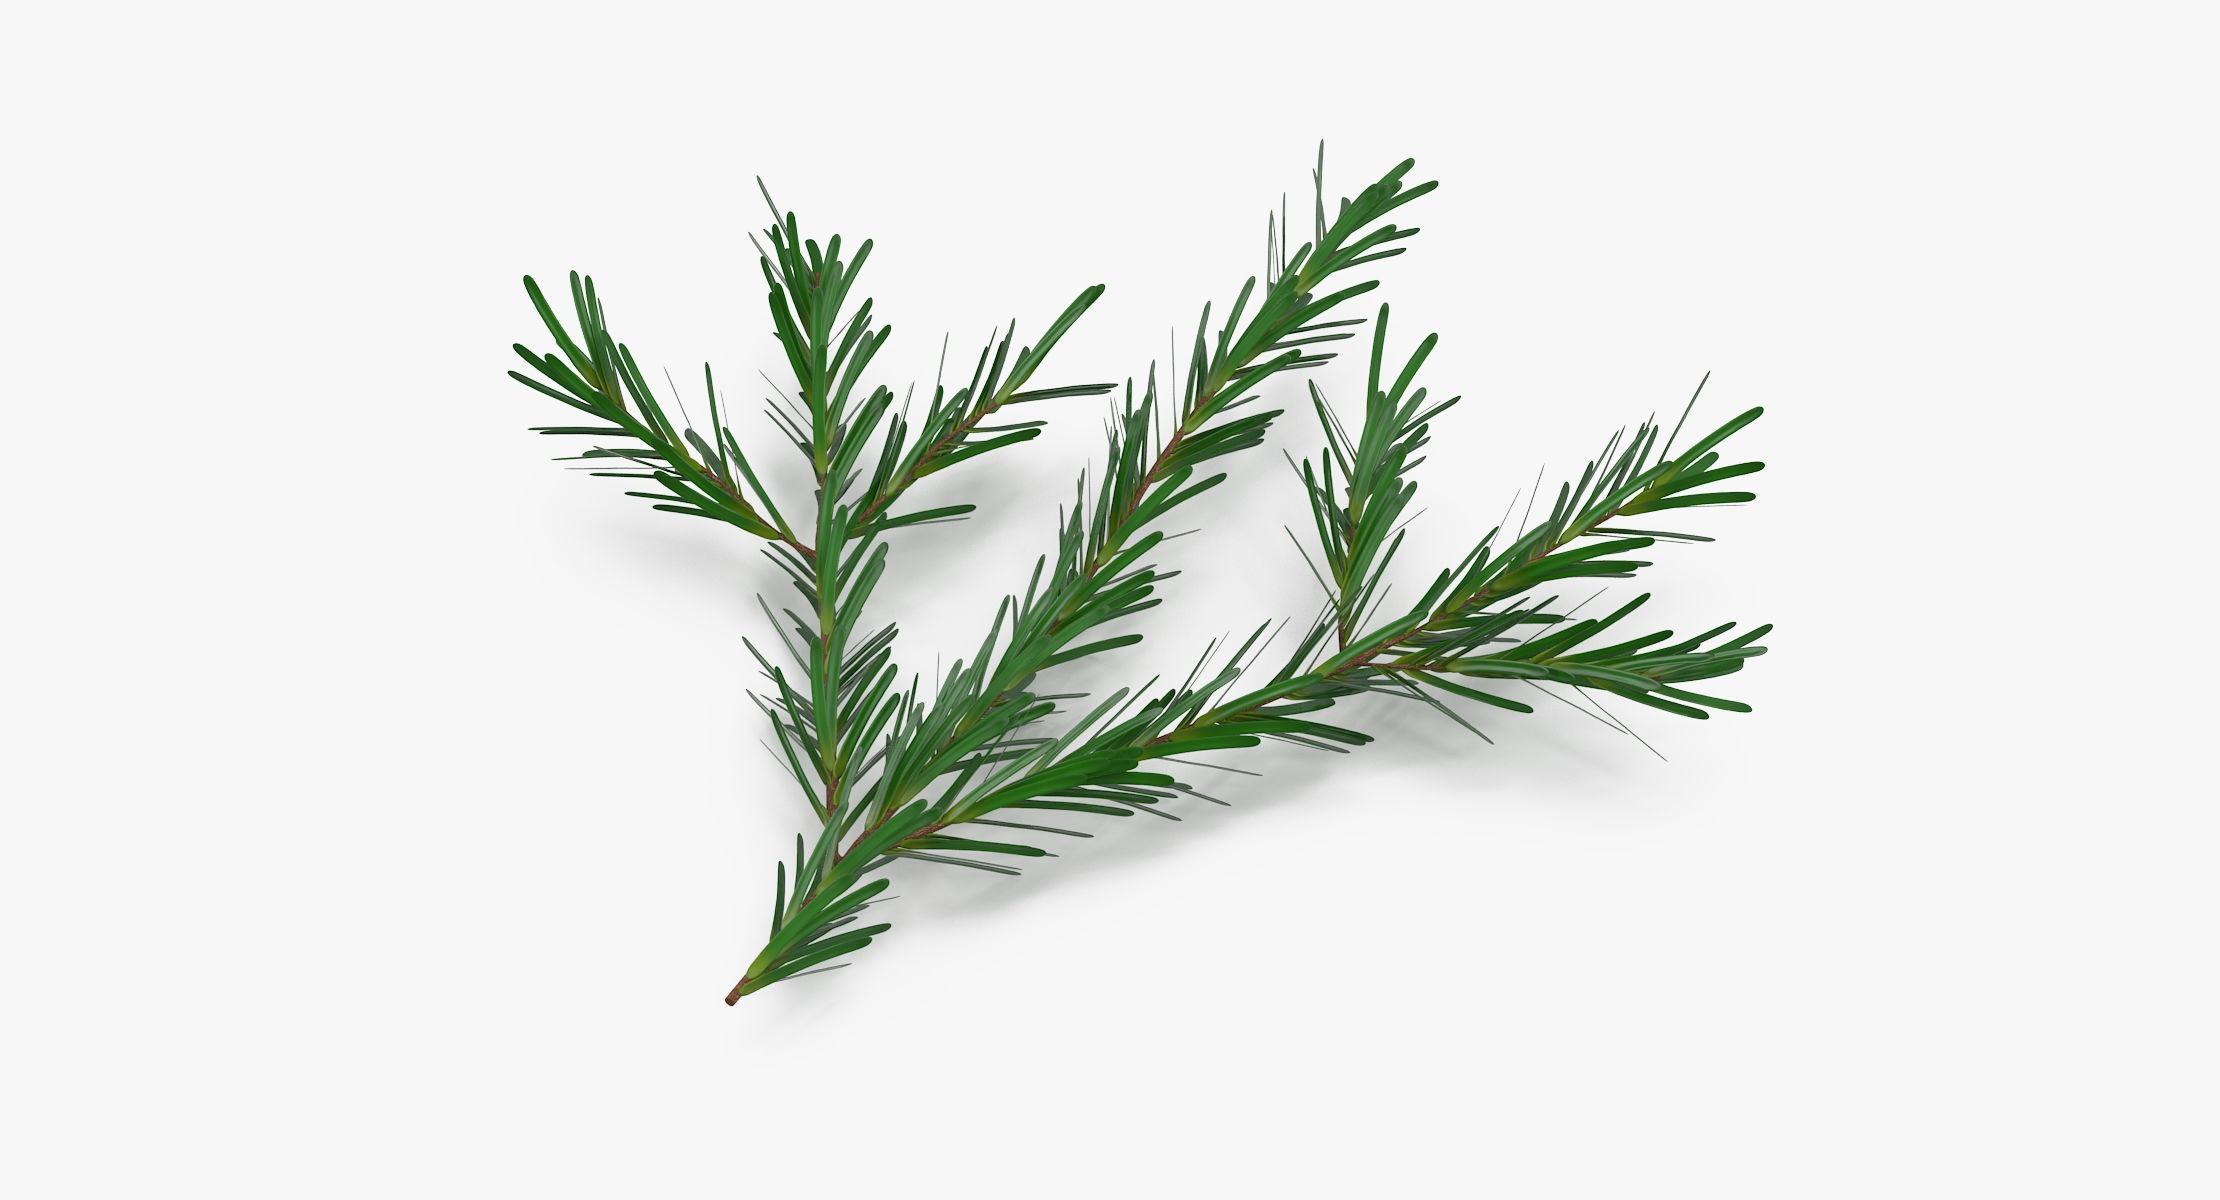 Pine Tree Sprig 03 - reel 1